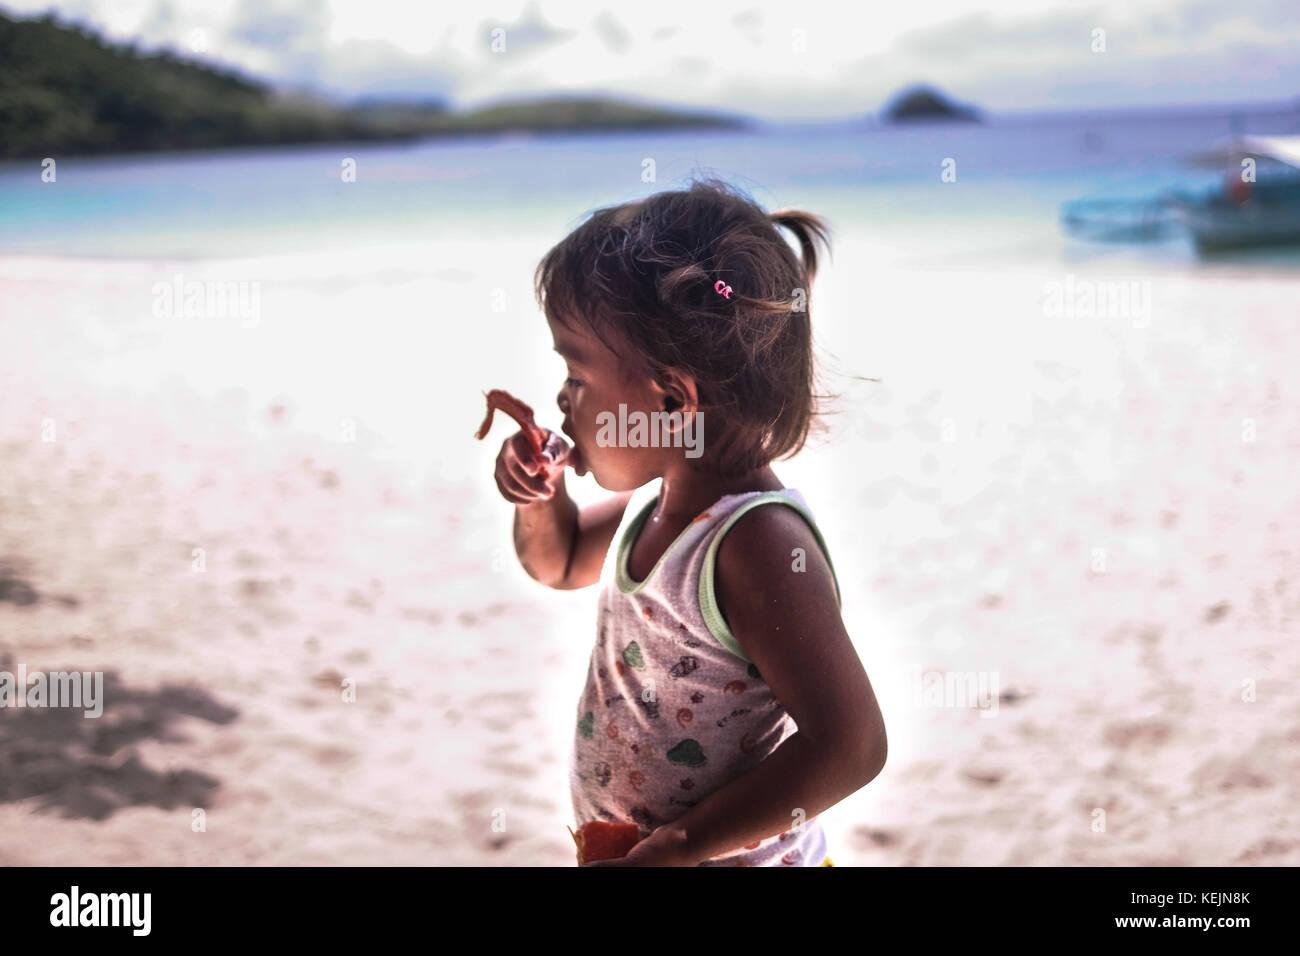 A girl eating papaya on Calaguas beach. - Stock Image